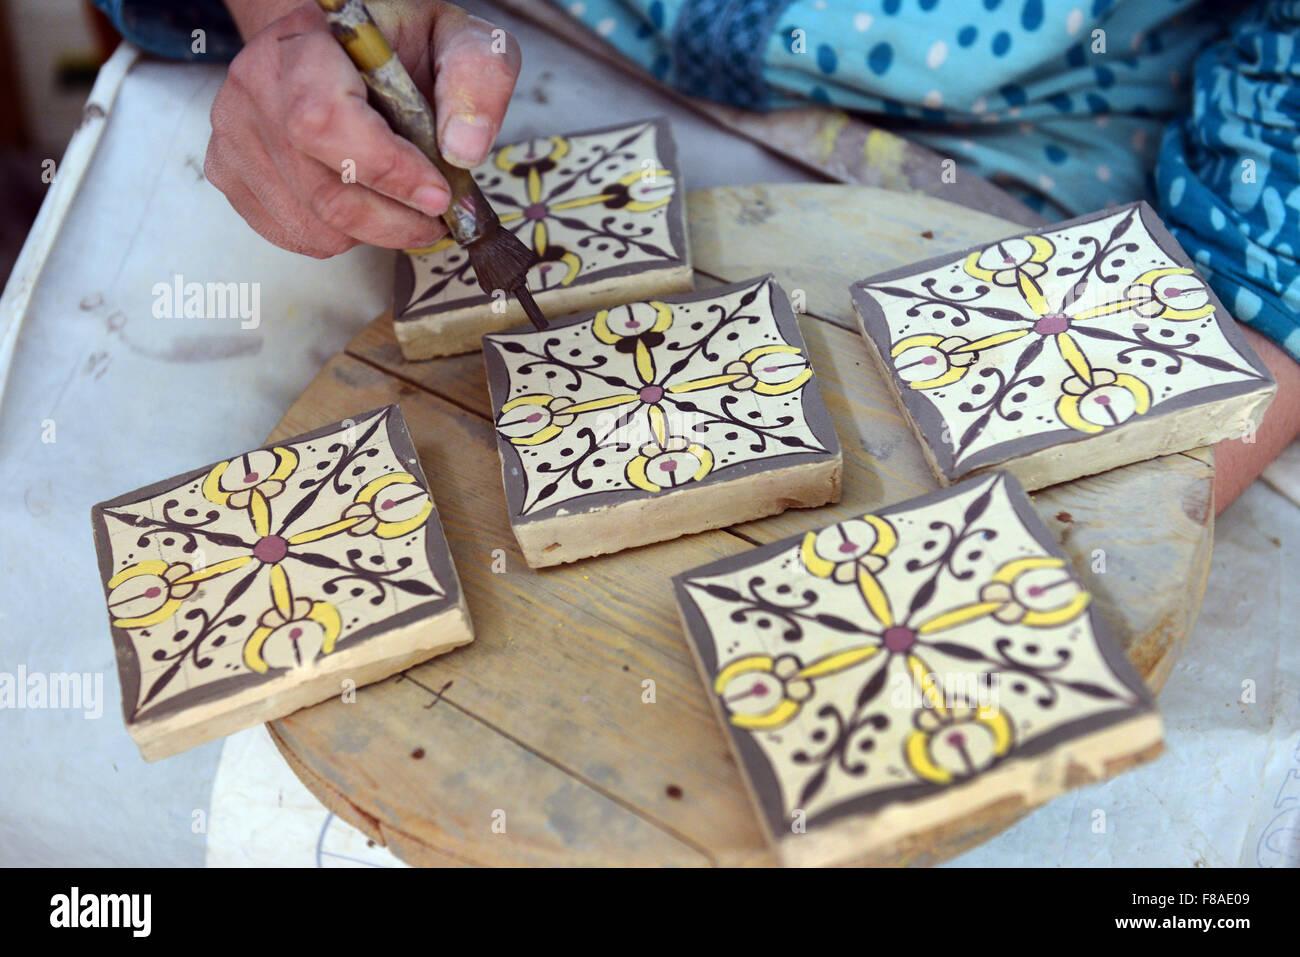 Un Artisan Marocain Peinture Sur Terre Cuite émaillée Pièces Pour